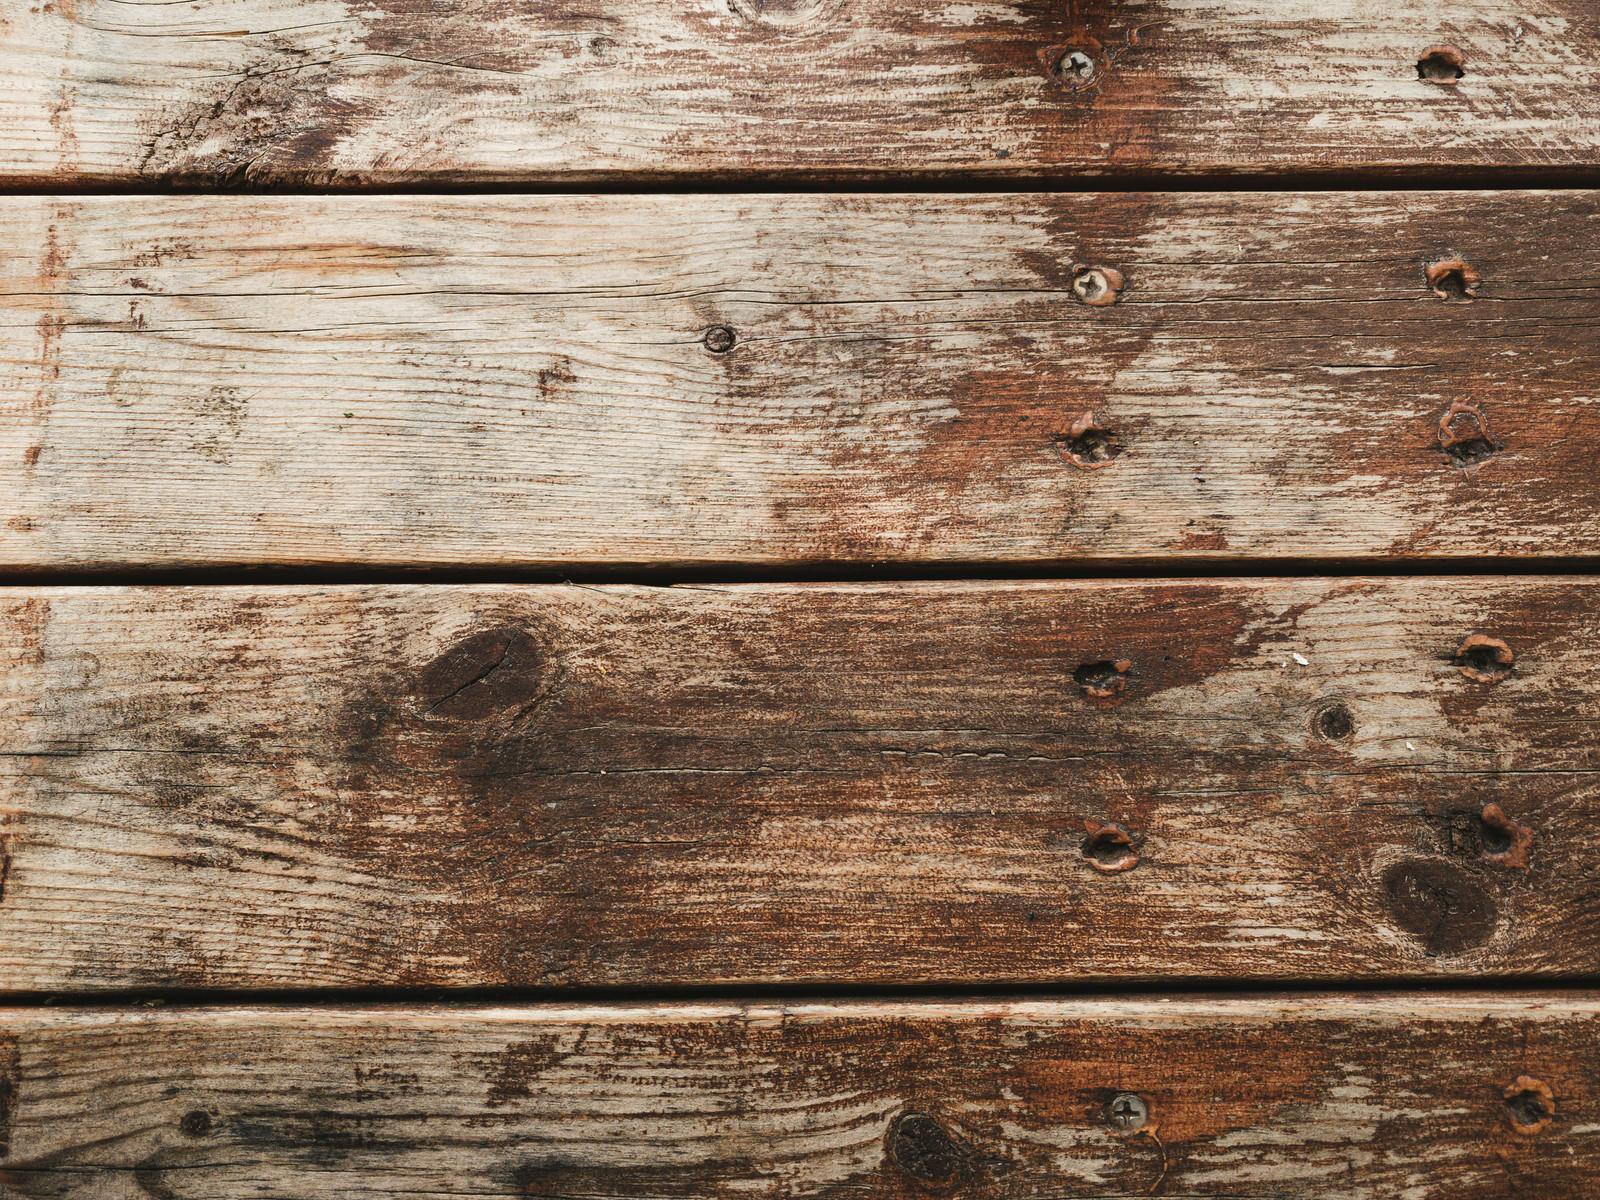 「色褪せたビス止めのフローリング(テクスチャ)」の写真